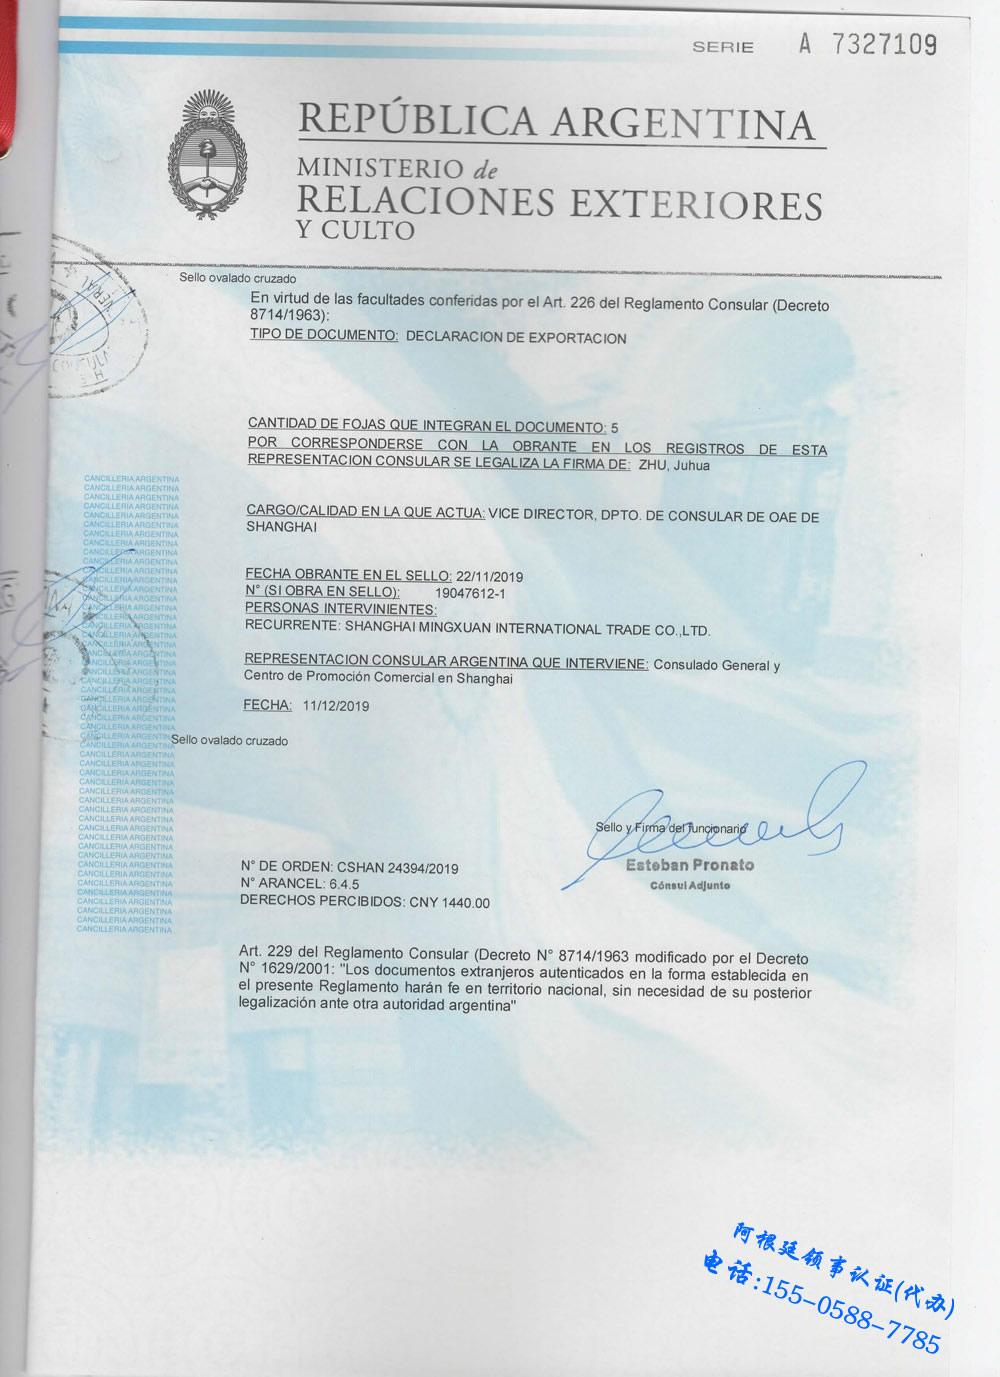 阿根廷领事认证